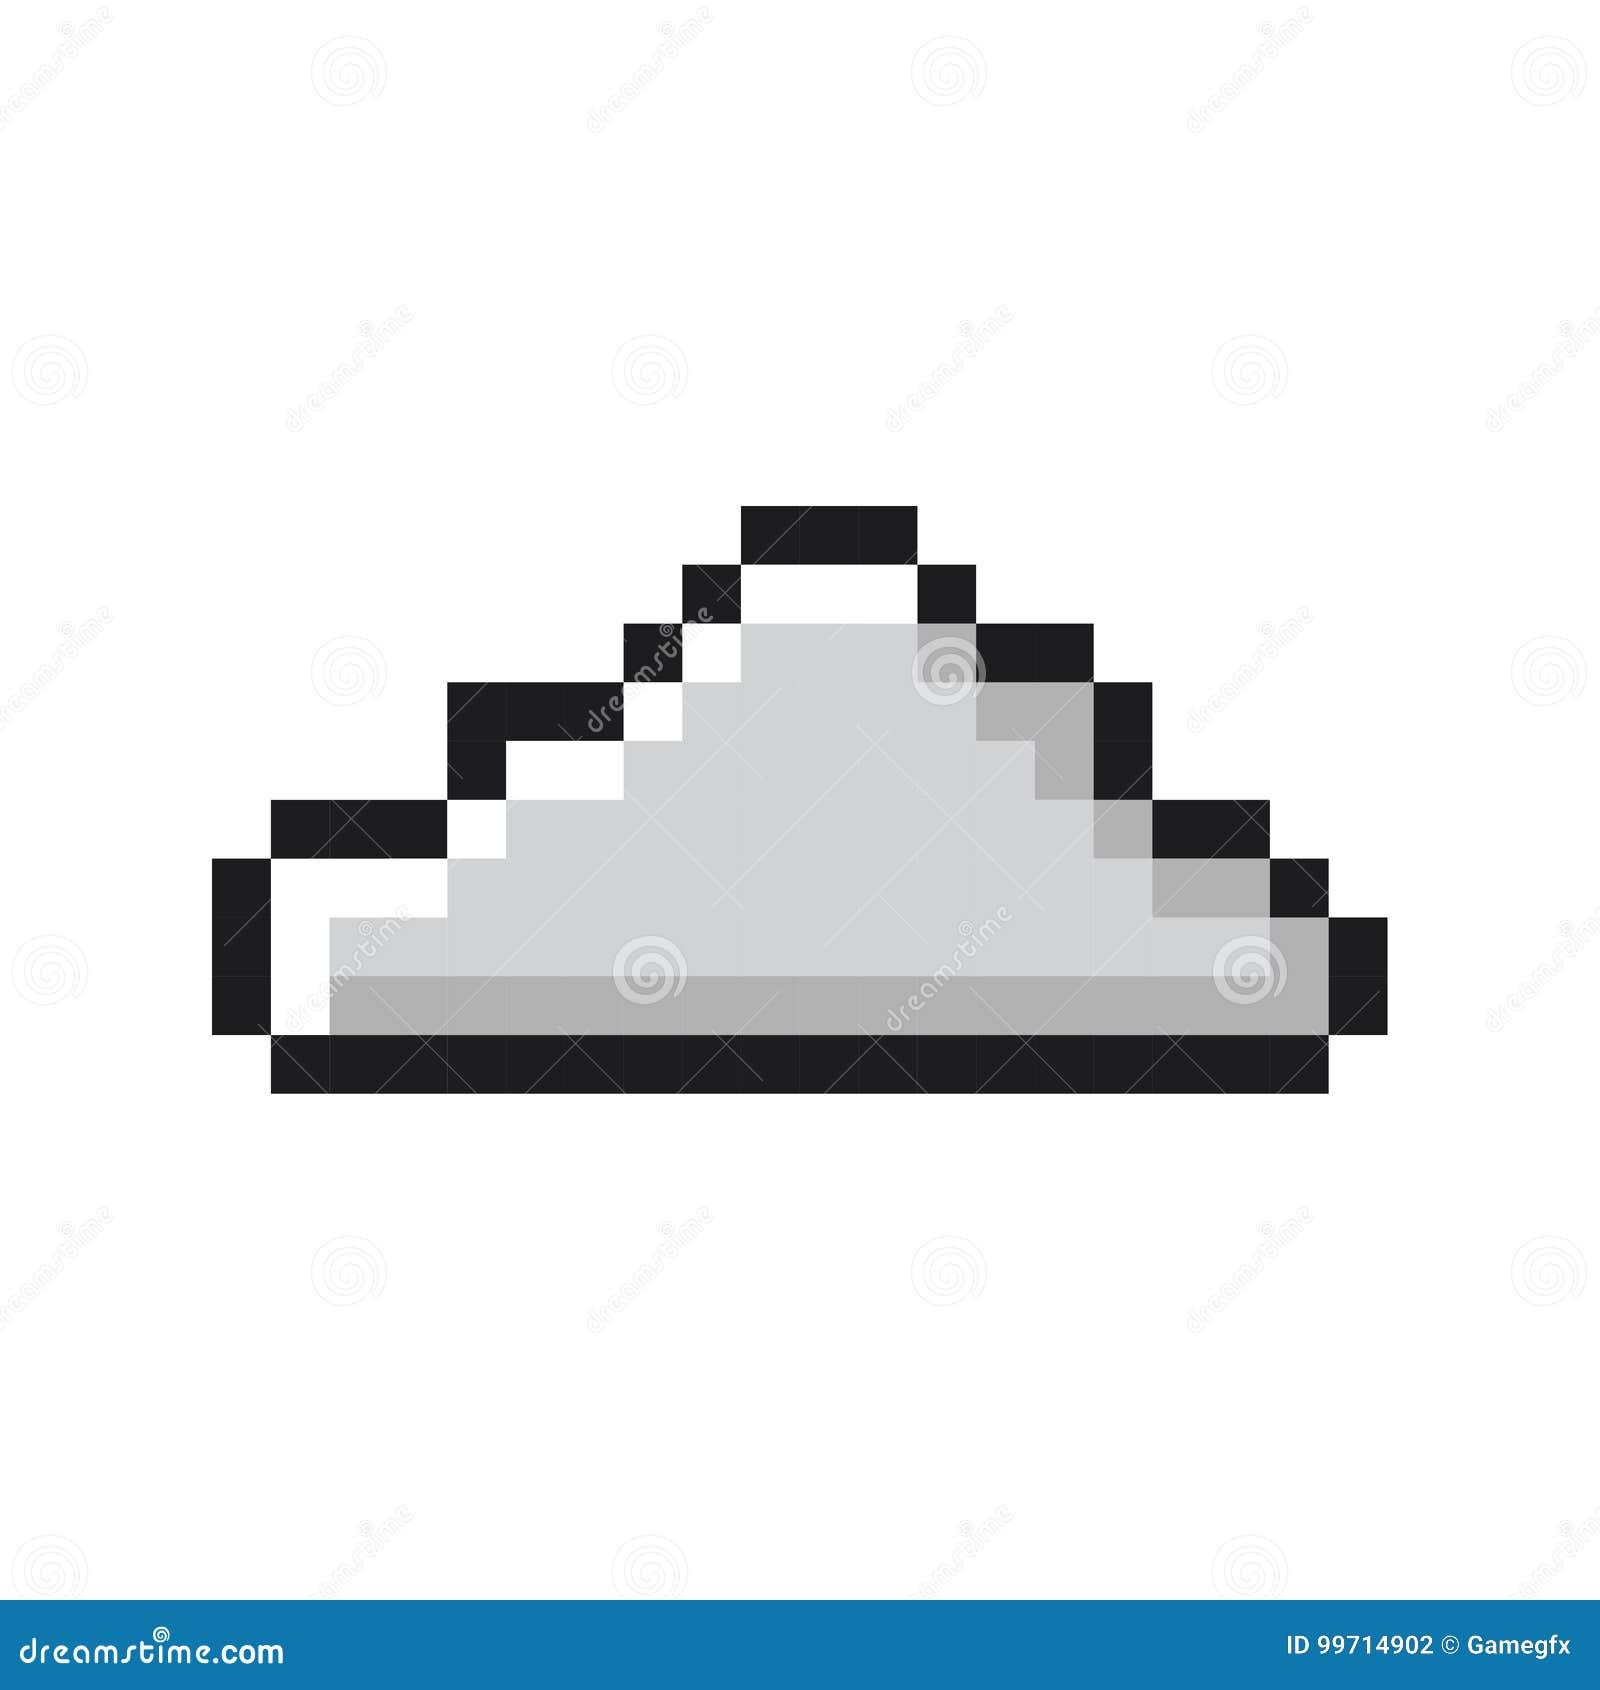 Obłocznej piksel sztuki kreskówki gry retro styl